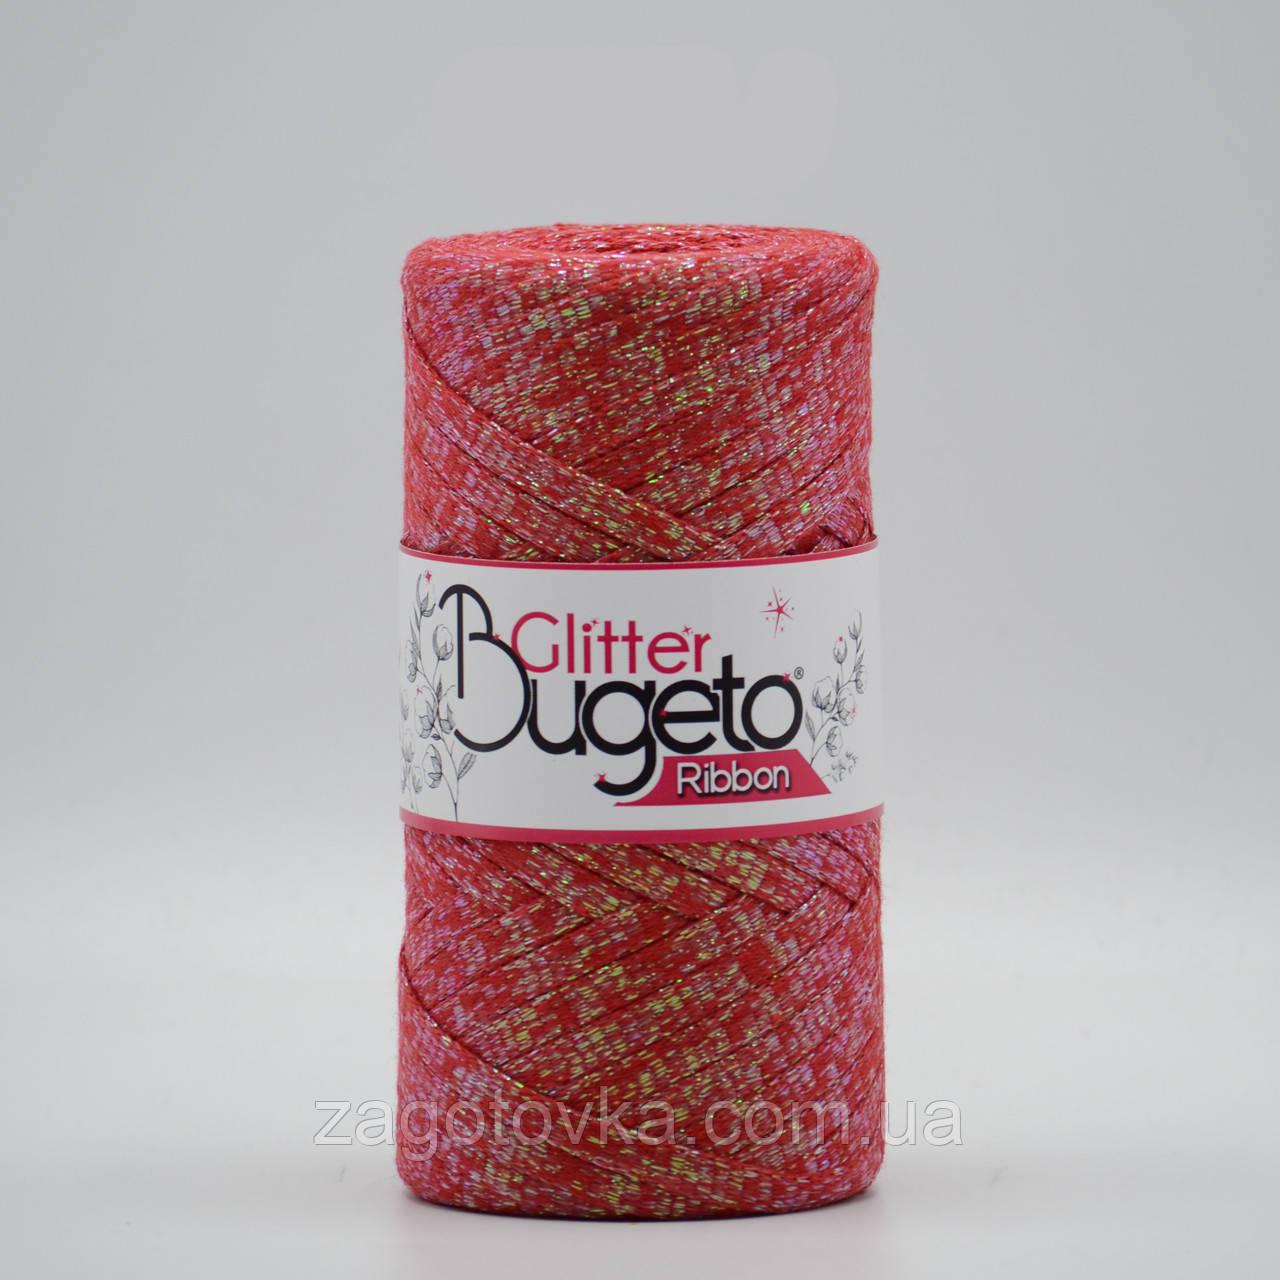 Бавовняний плоский шнур Ribbon Glitter з люрексом, Червоний з пераламутром